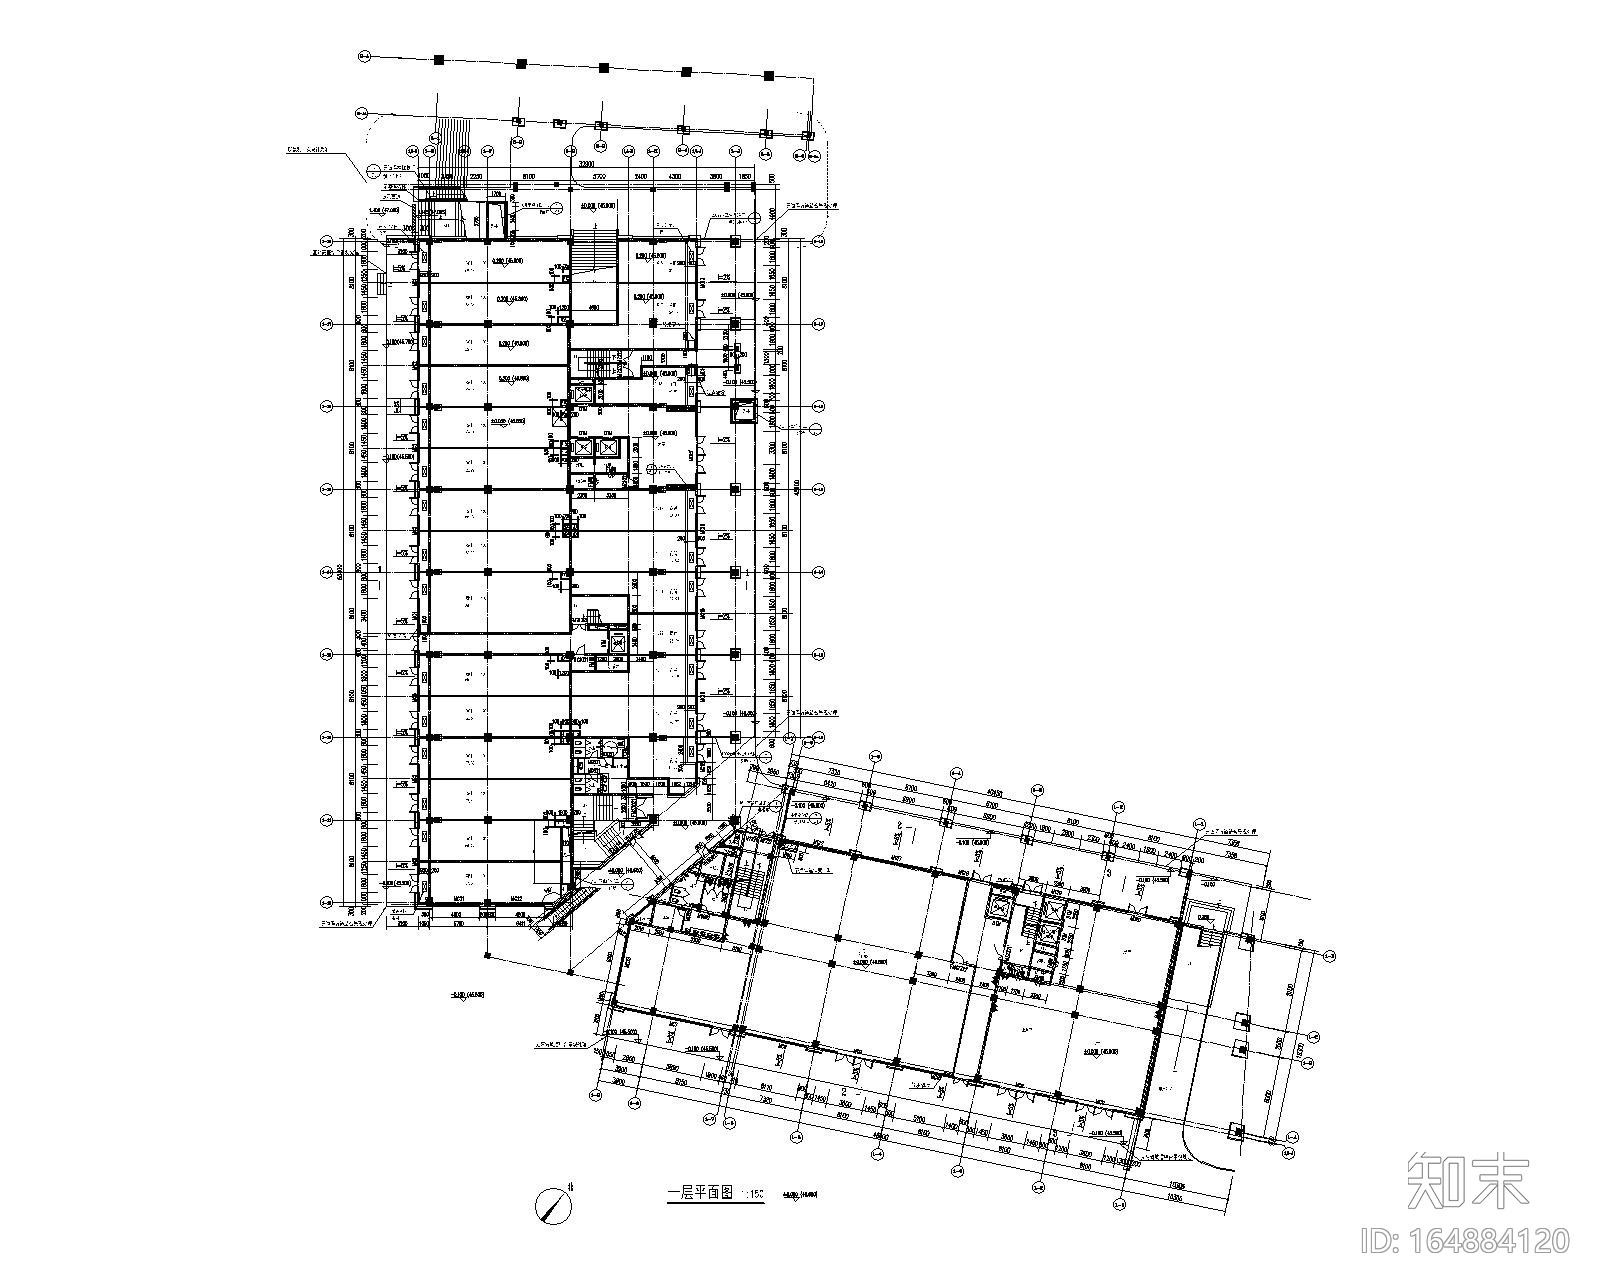 9层钢混框架结构办公楼加固改造施工图2017施工图下载【ID:164884120】